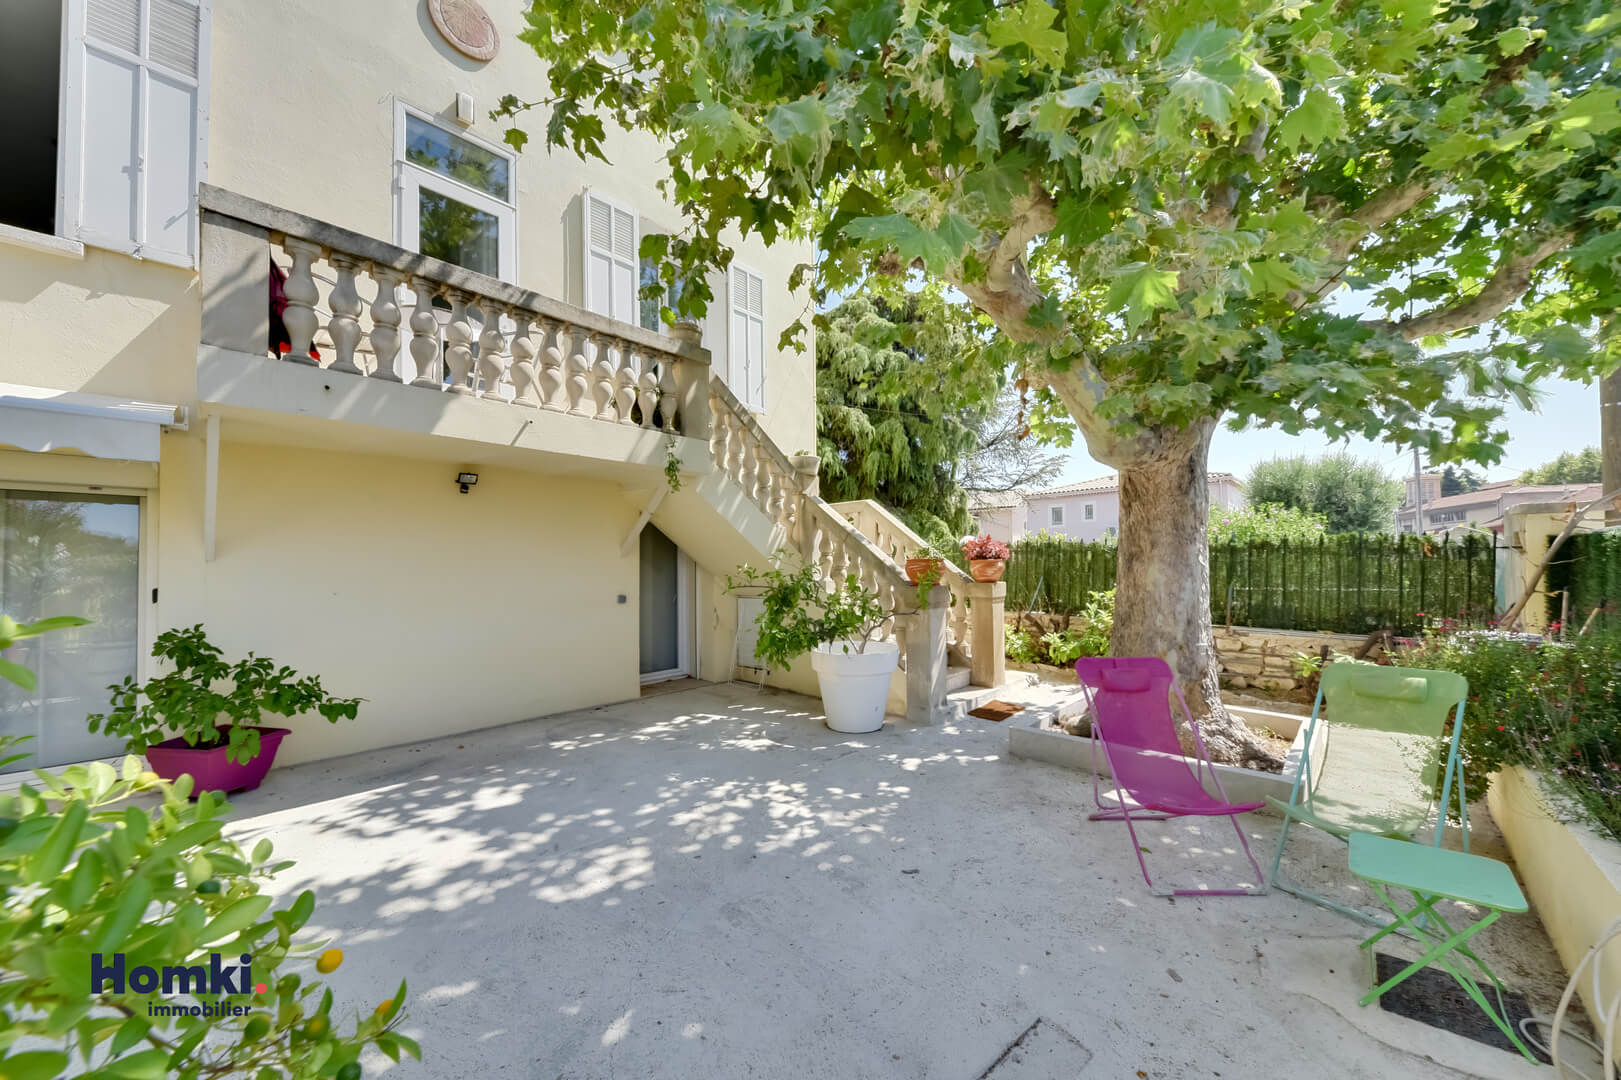 Homki - Vente maison/villa  de 330.0 m² à Marseille 13012